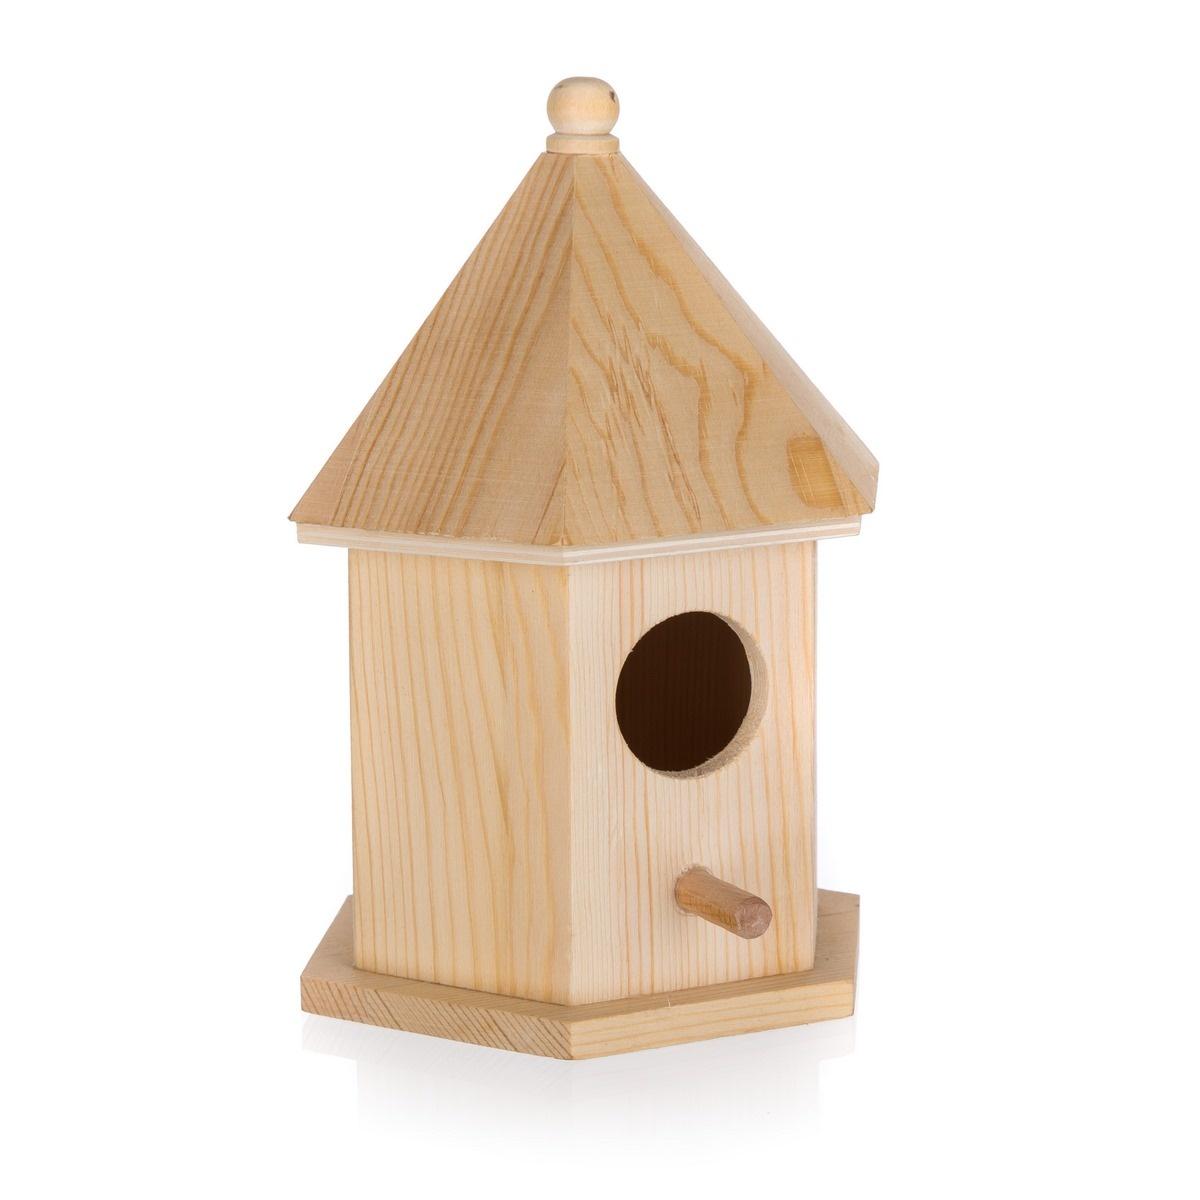 Dřevěná ptačí budka, 12,5 x 10,5 x 17,7 cm